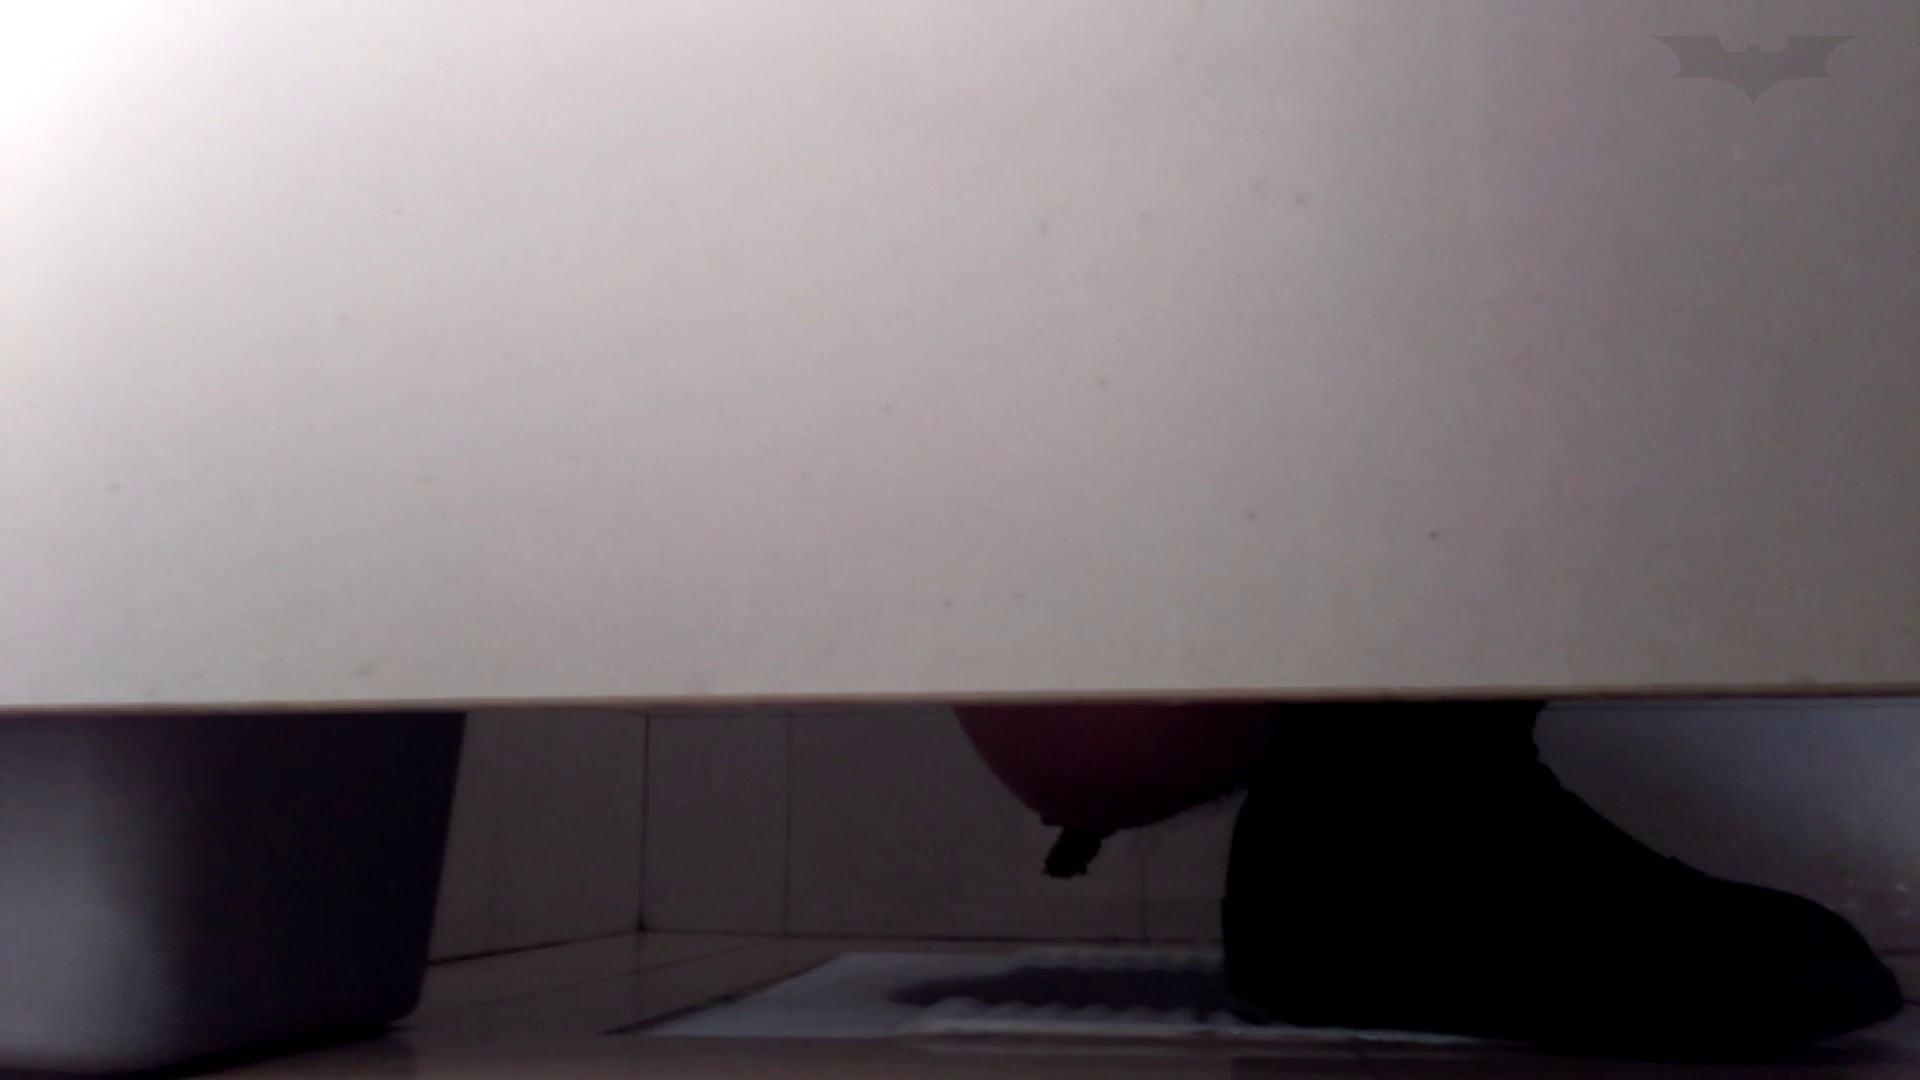 芸術大学ガチ潜入盗撮 JD盗撮 美女の洗面所の秘密 Vol.99 高画質動画 おまんこ動画流出 65画像 7